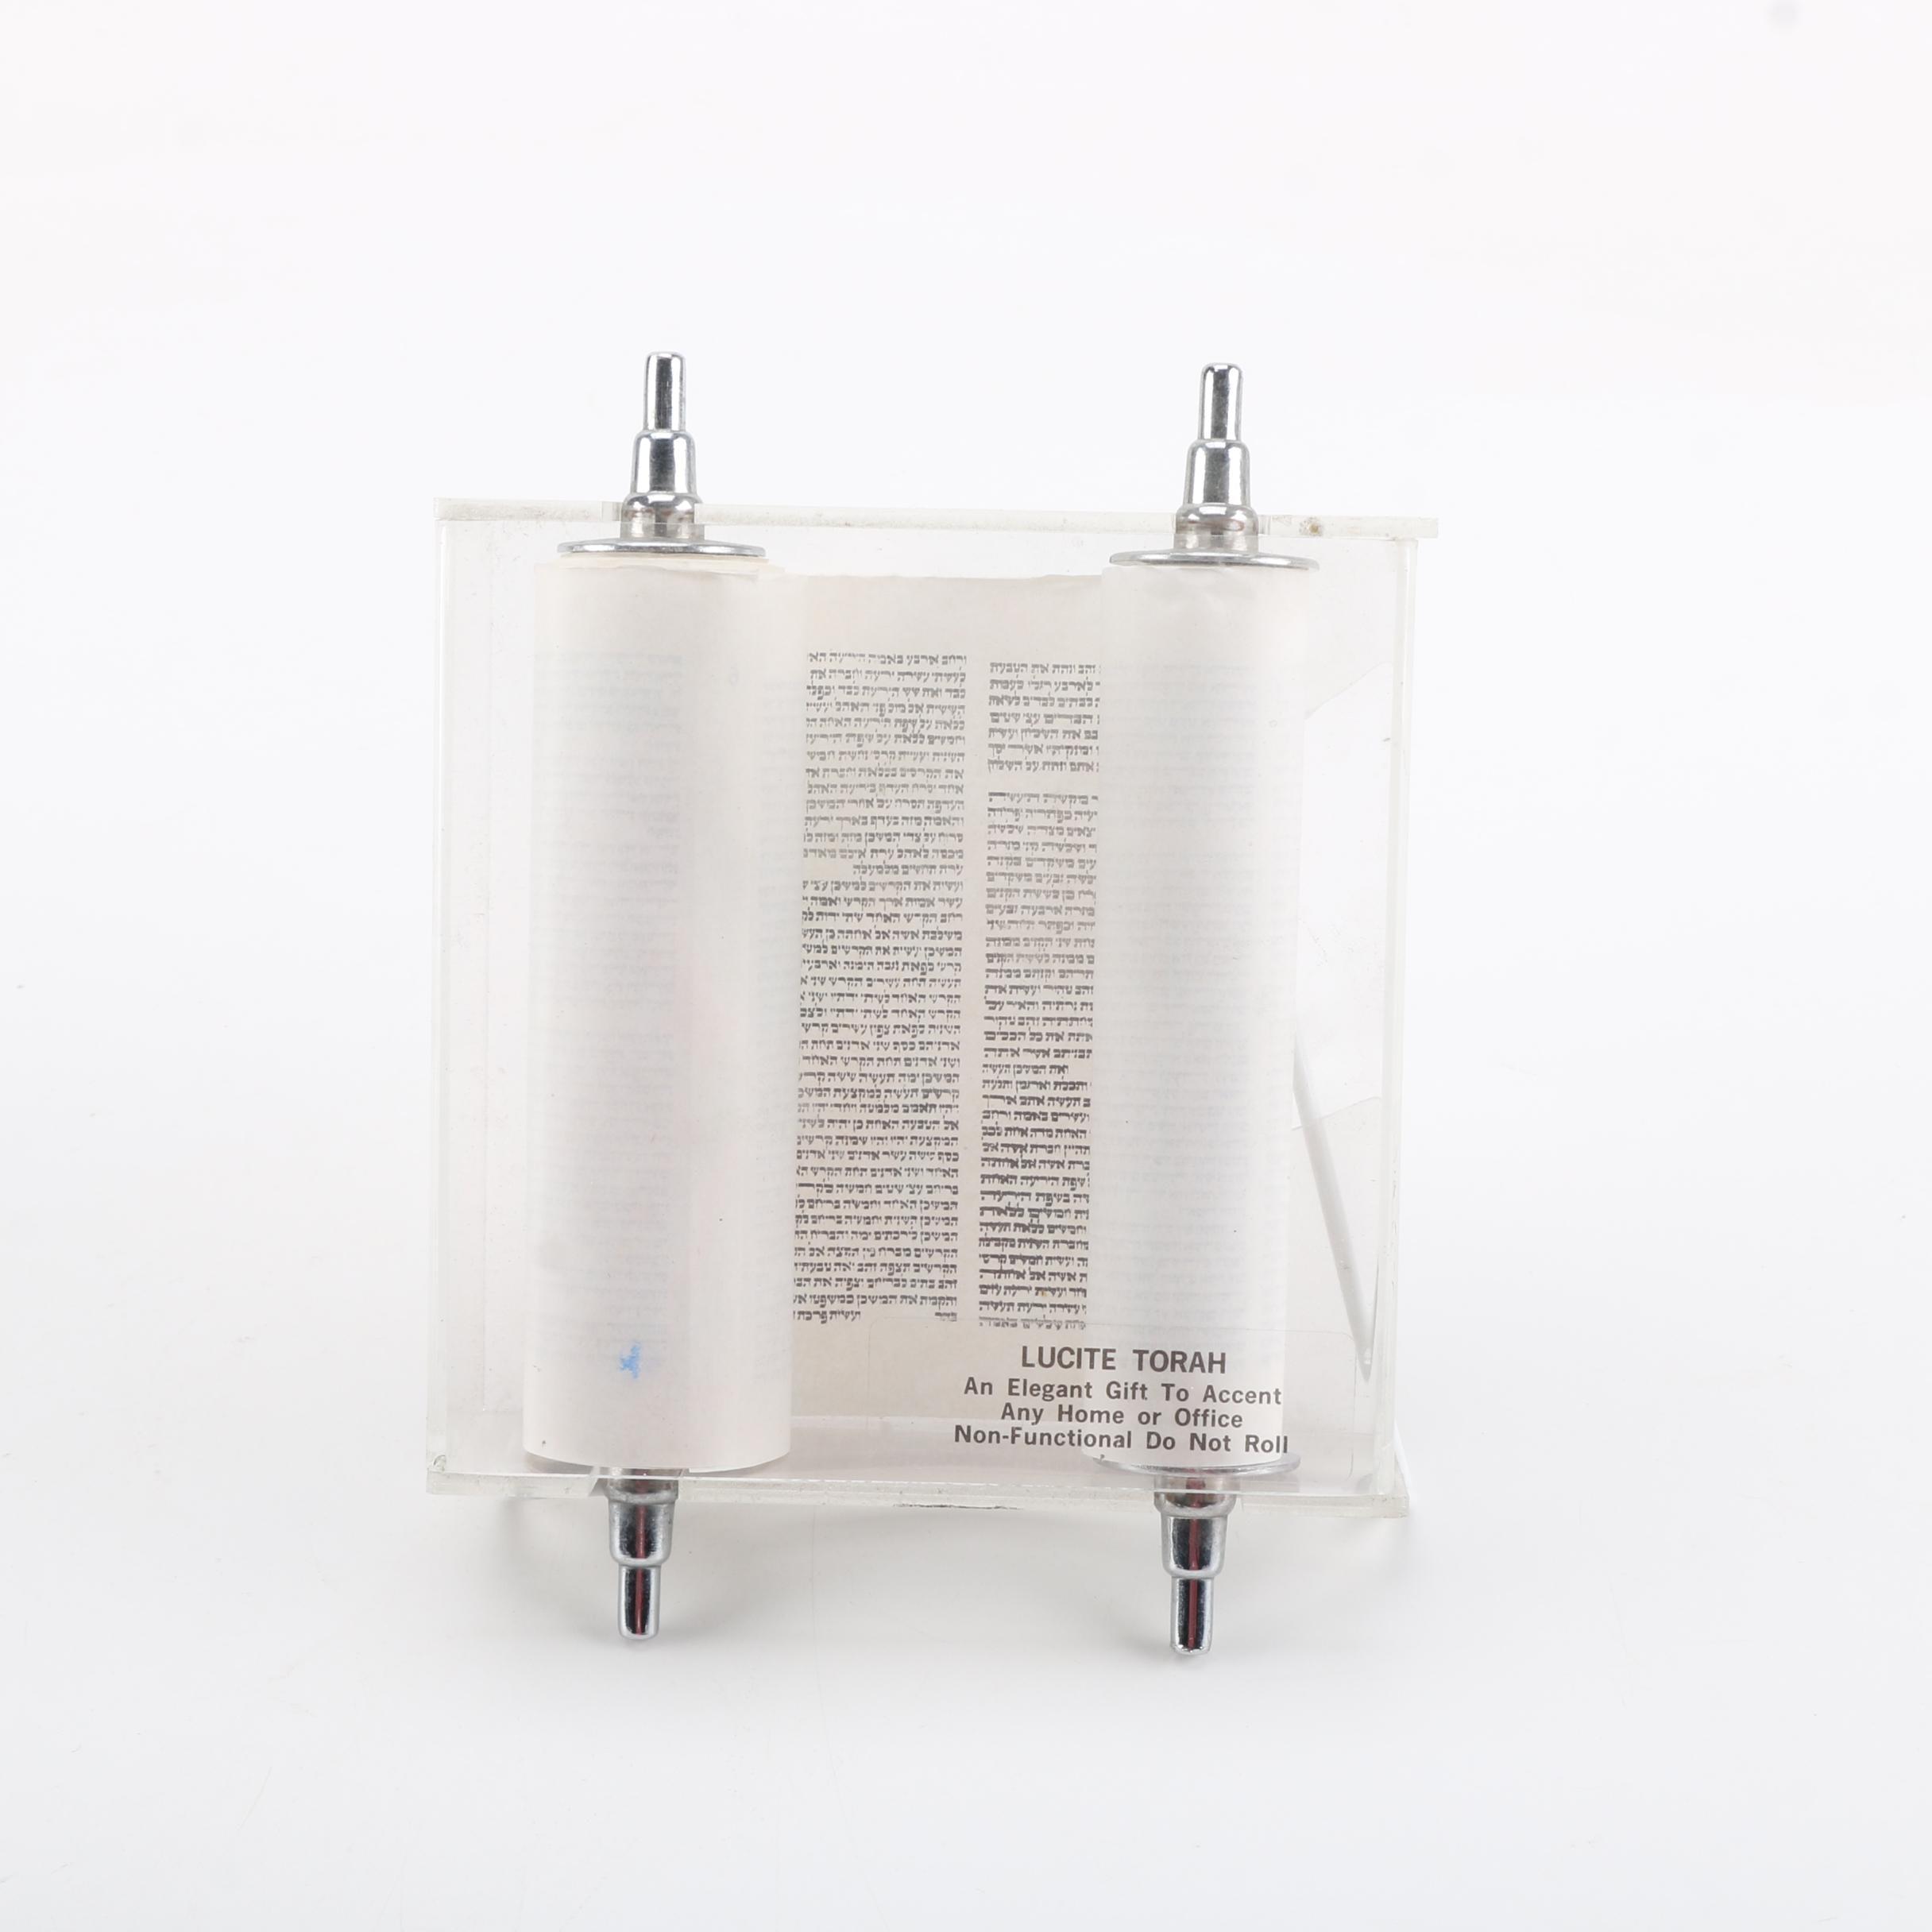 Decorative Lucite Torah